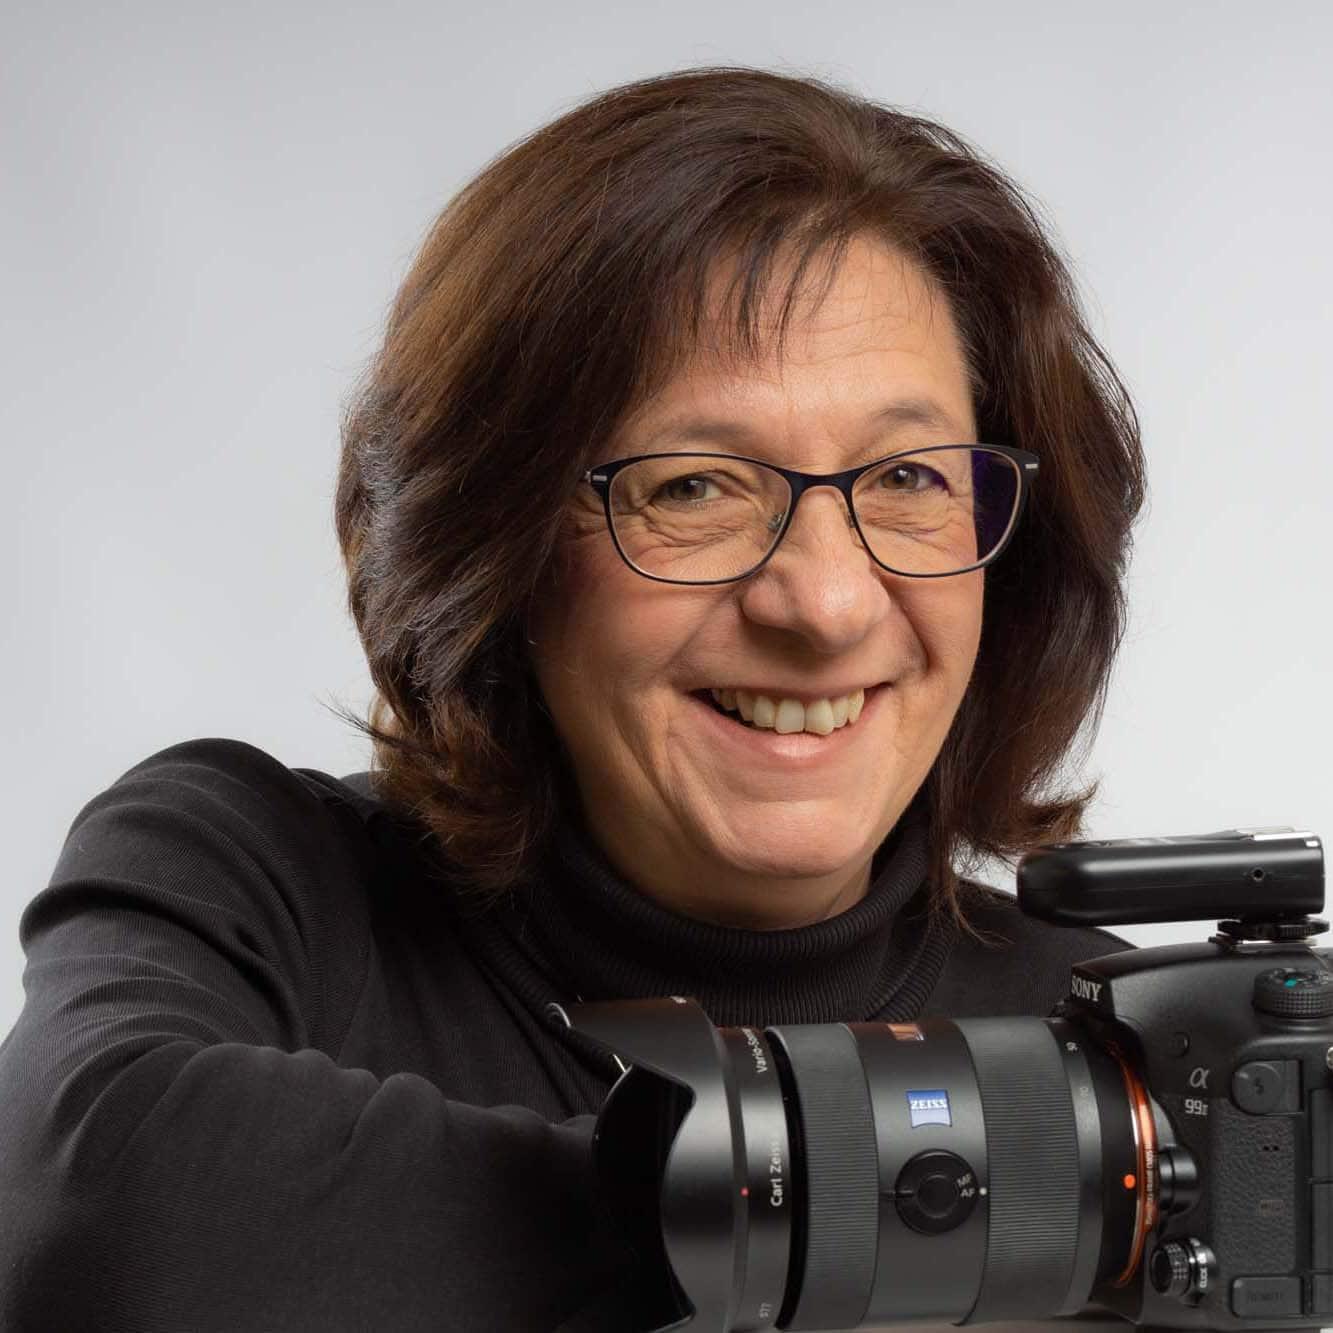 Fotografin Sabine Katzenberger